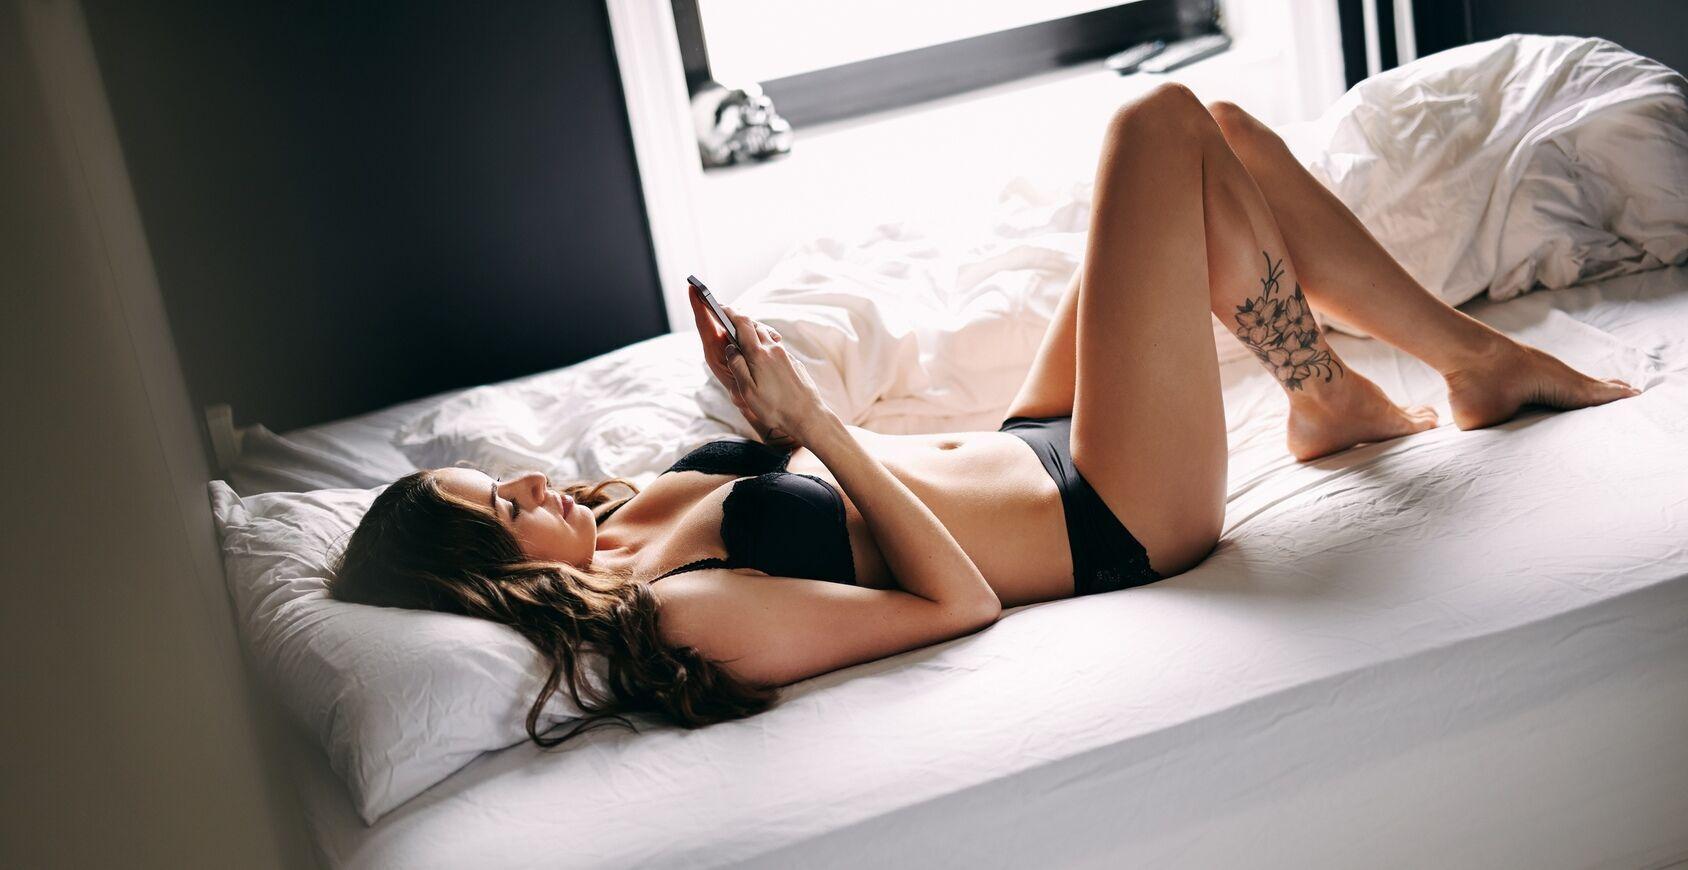 За статистикою, більшість жінок не в захваті від самого процесу анального й орального сексу.